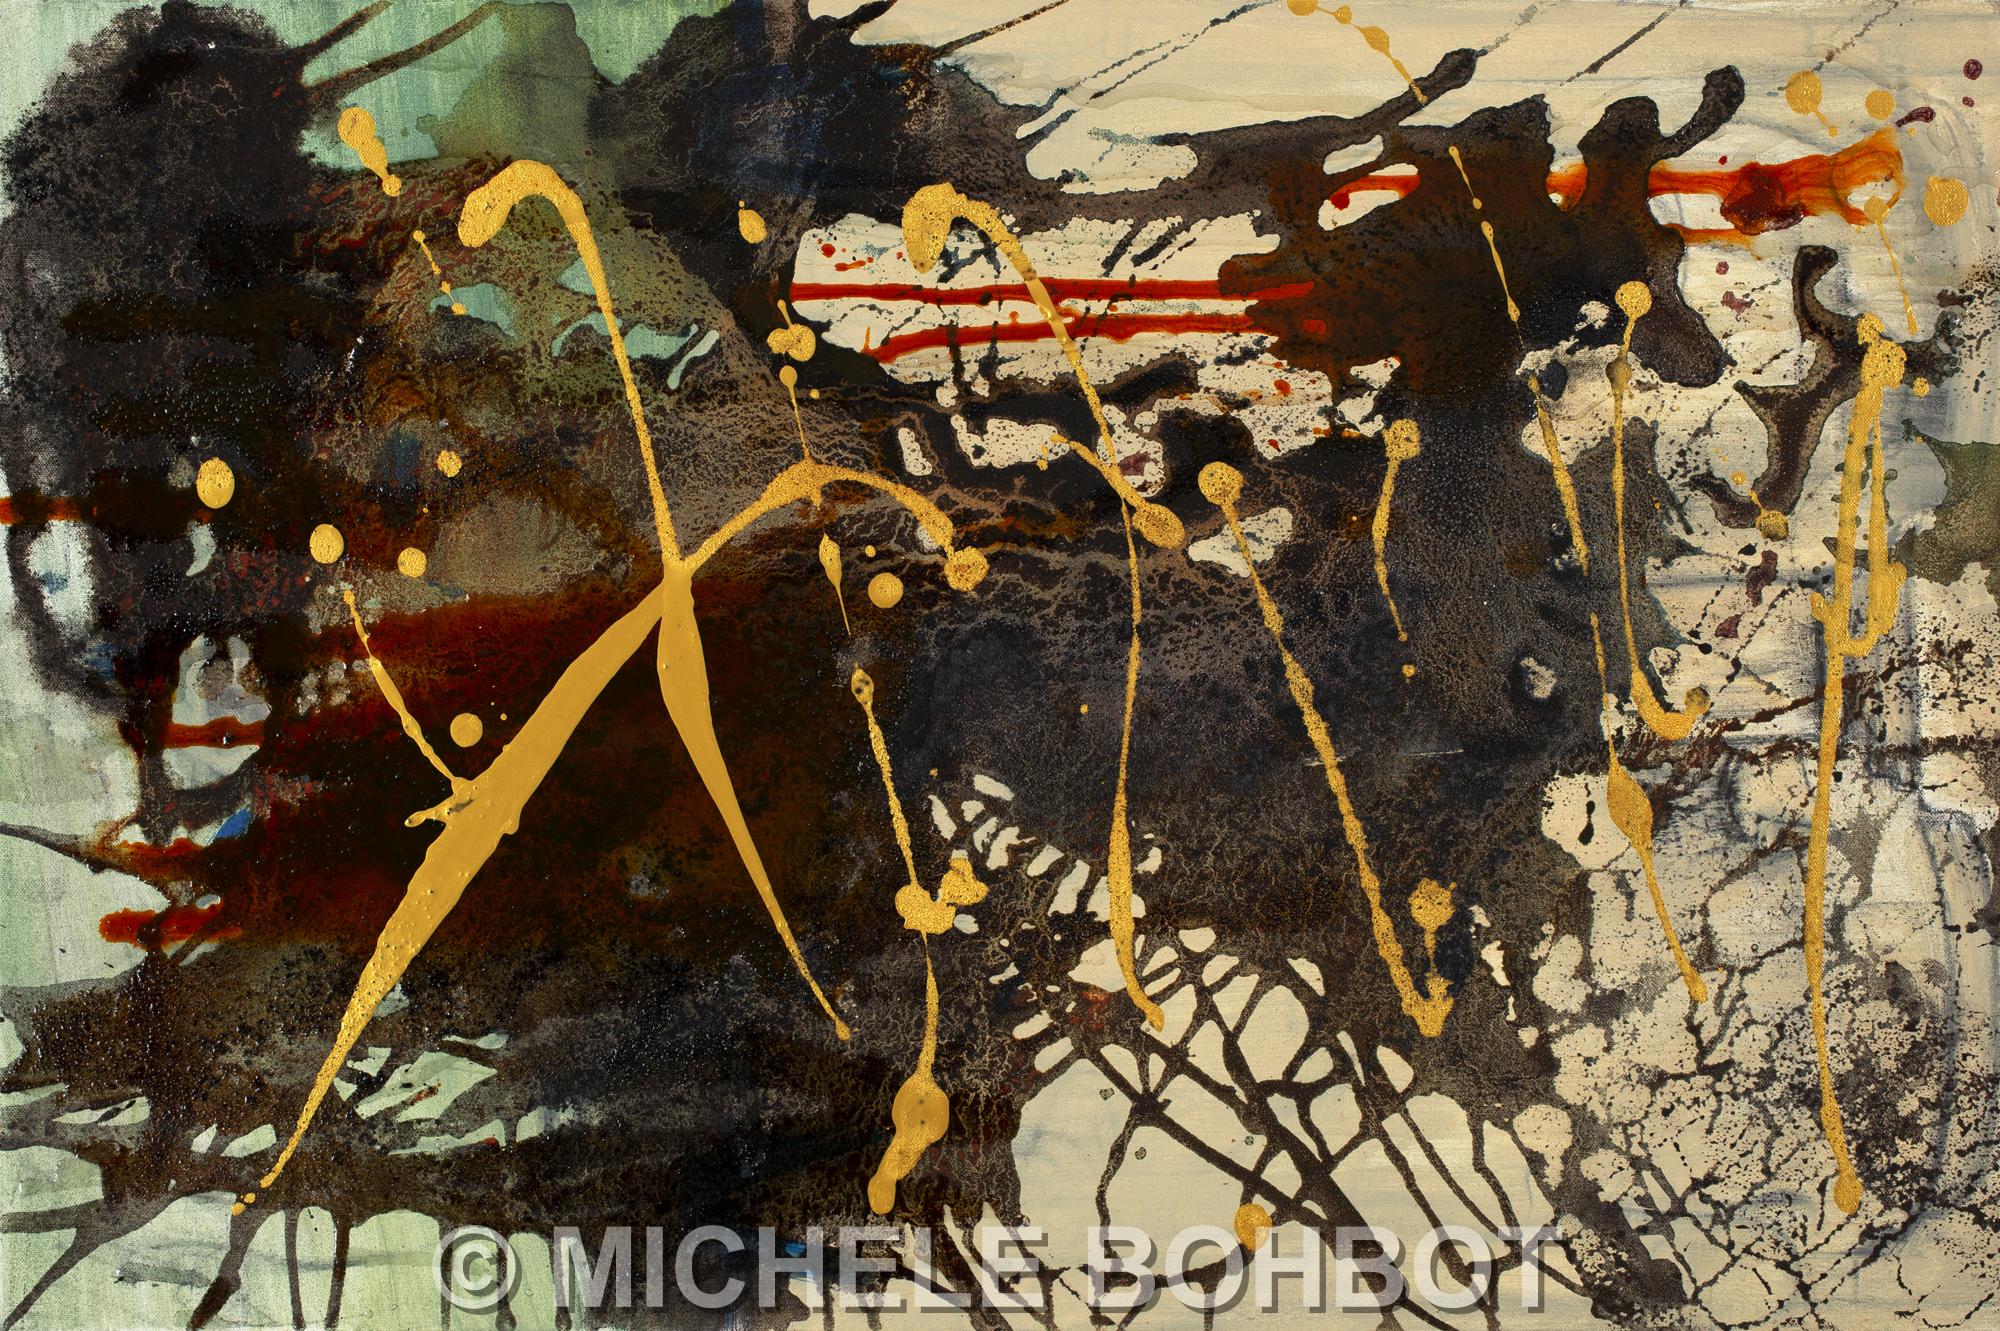 Michele A. Bohbot (4-13-19)_16_lg-ed2-1-a 2.jpg